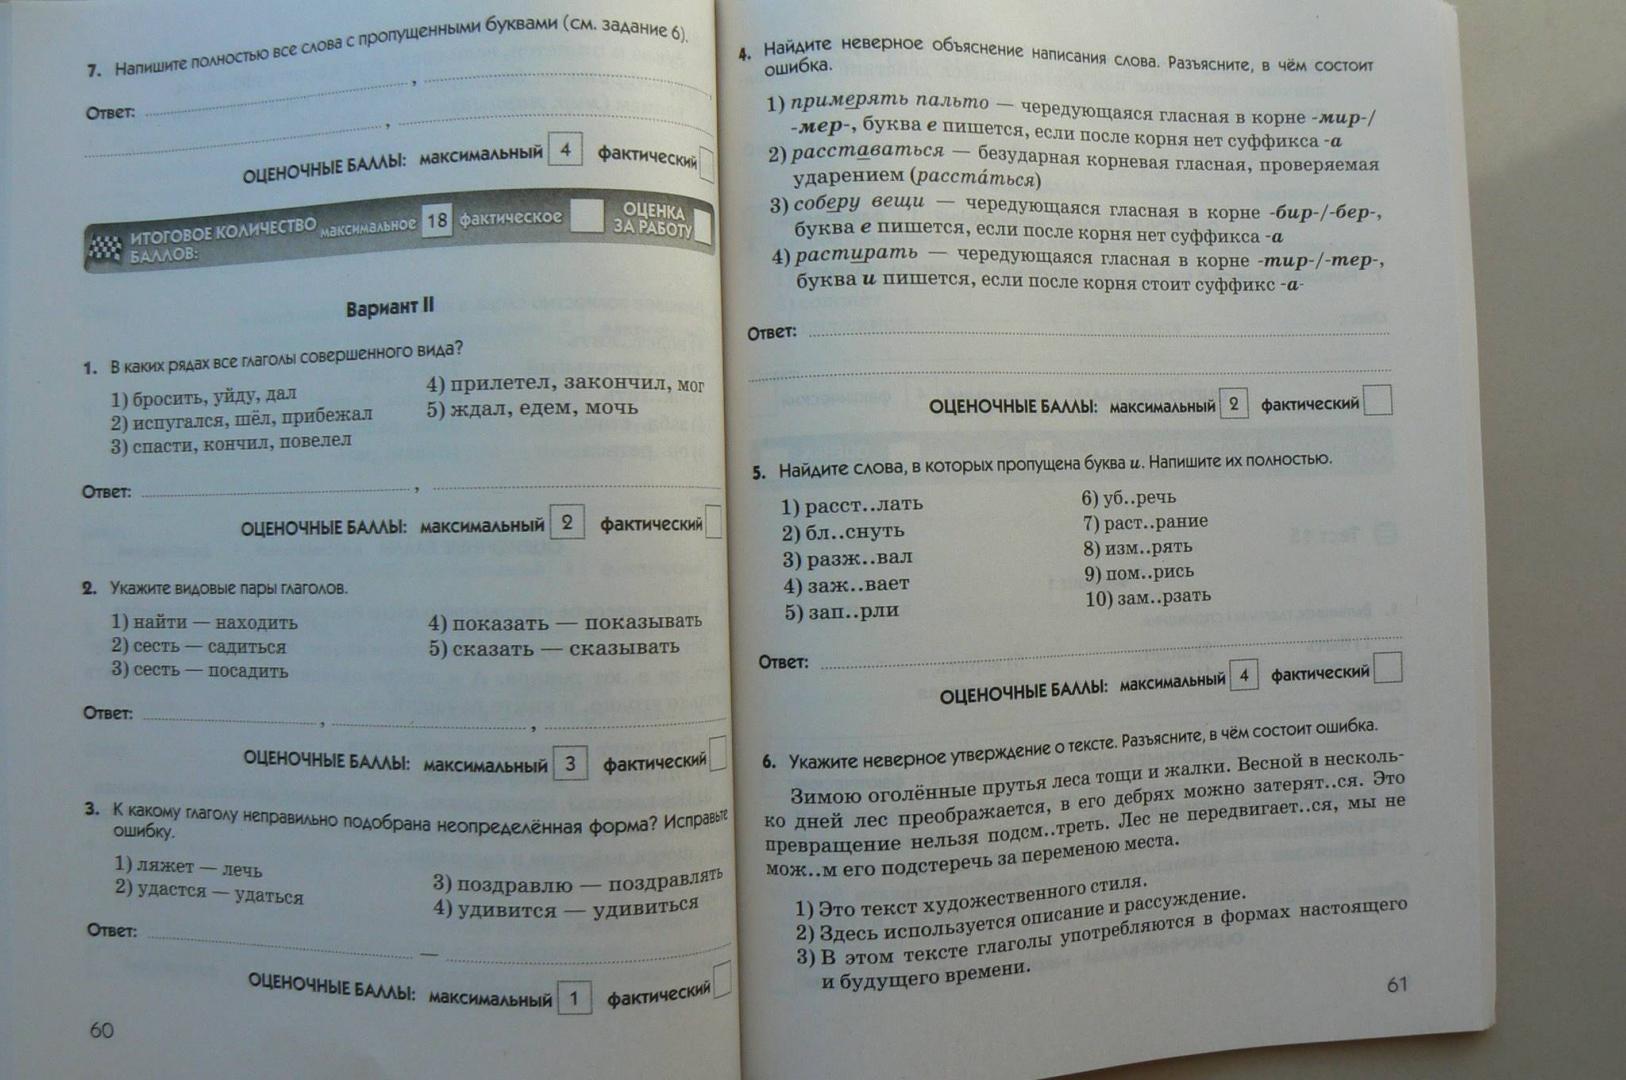 Иллюстрация 4 из 6 для Русский язык. 5 класс. Тесты. ФГОС - Капинос, Пучкова, Гостева   Лабиринт - книги. Источник: Лидия